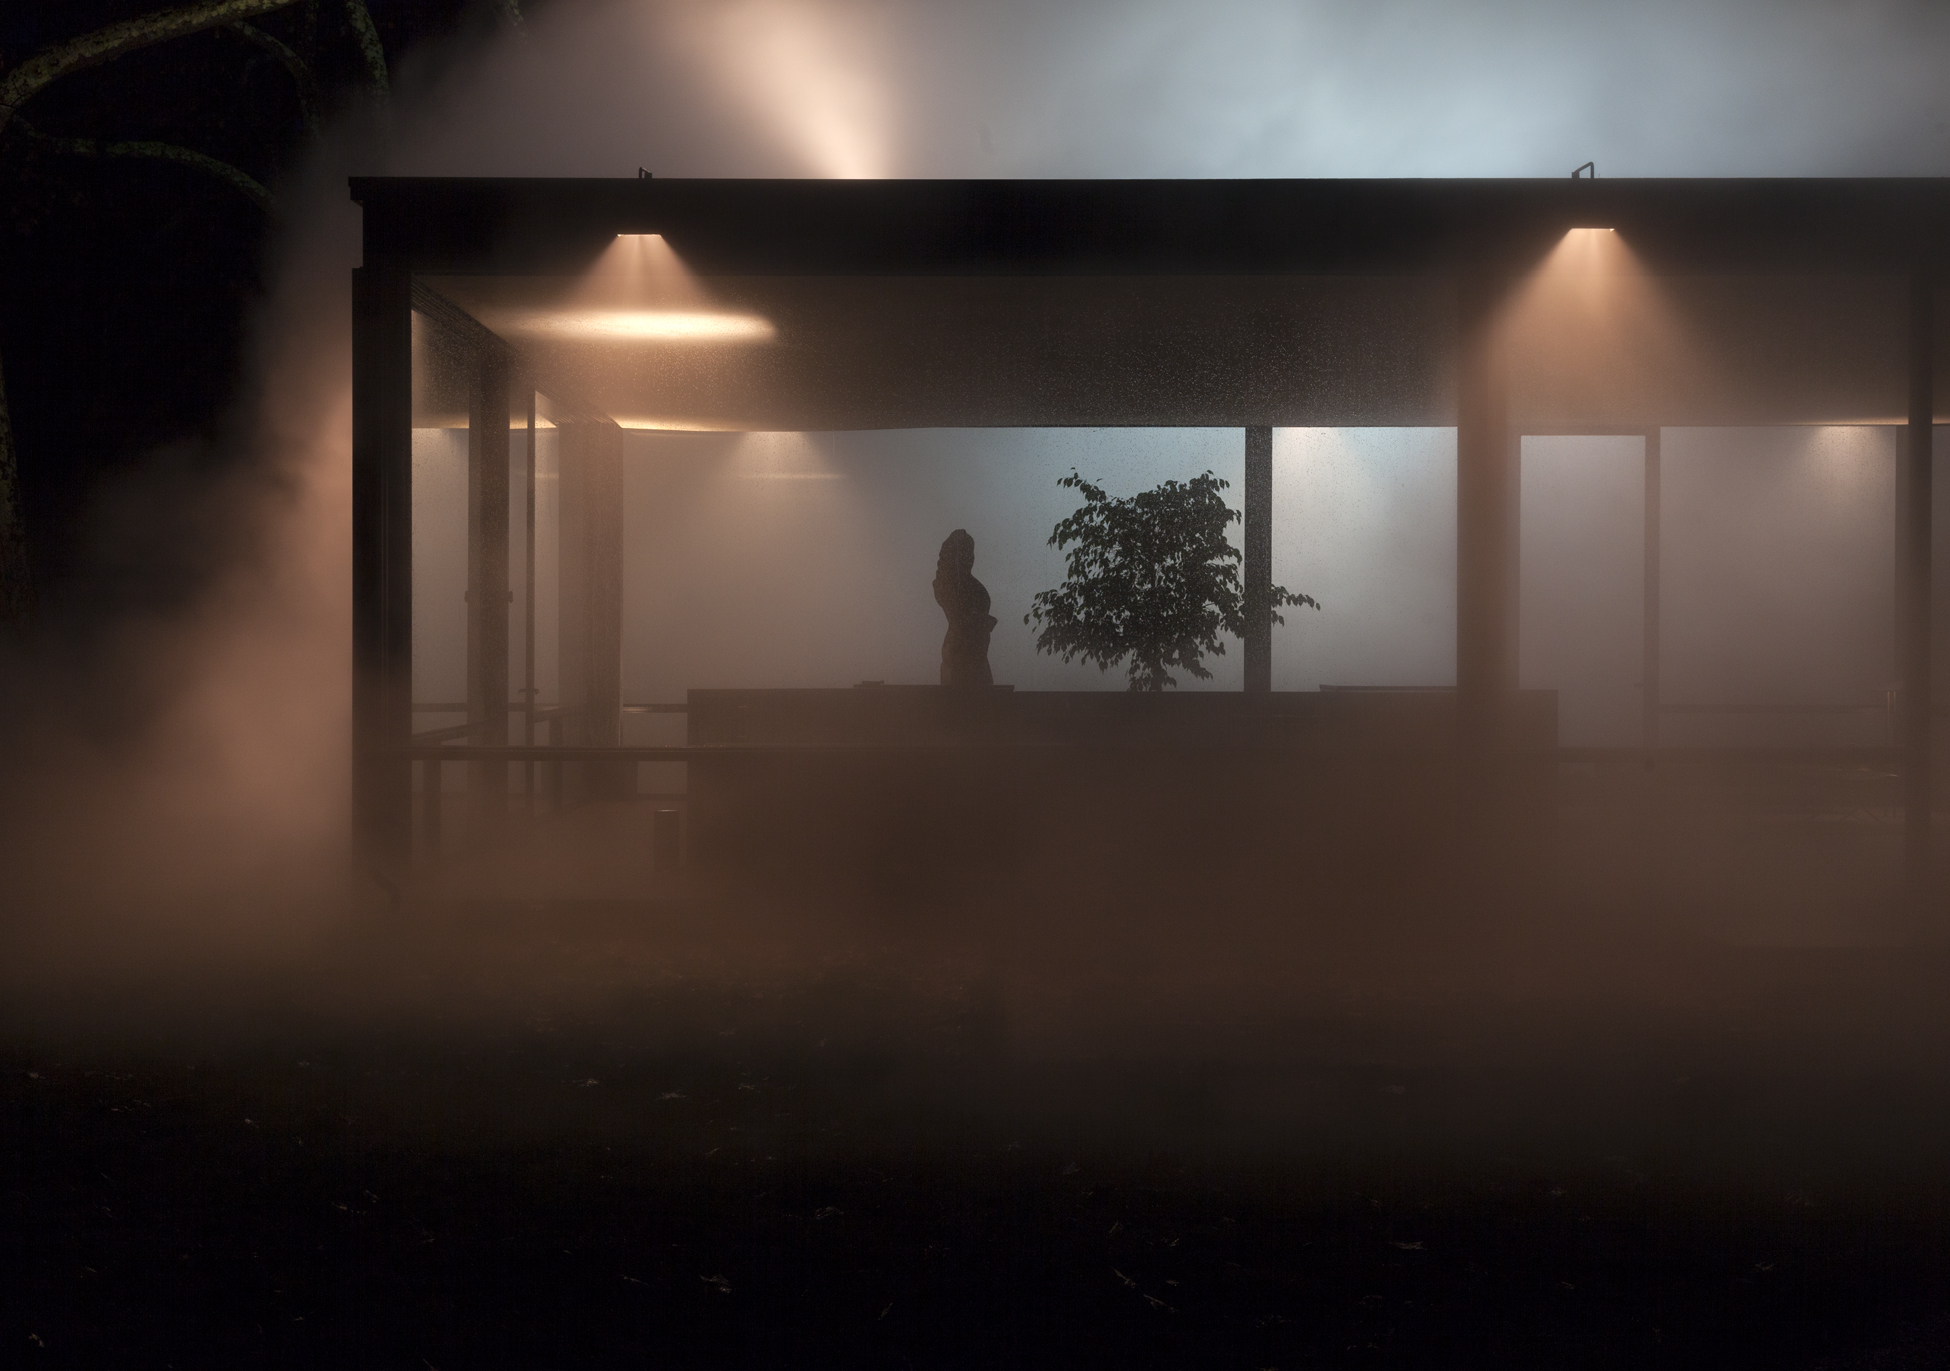 GlassHouse_Fog_1272.jpg